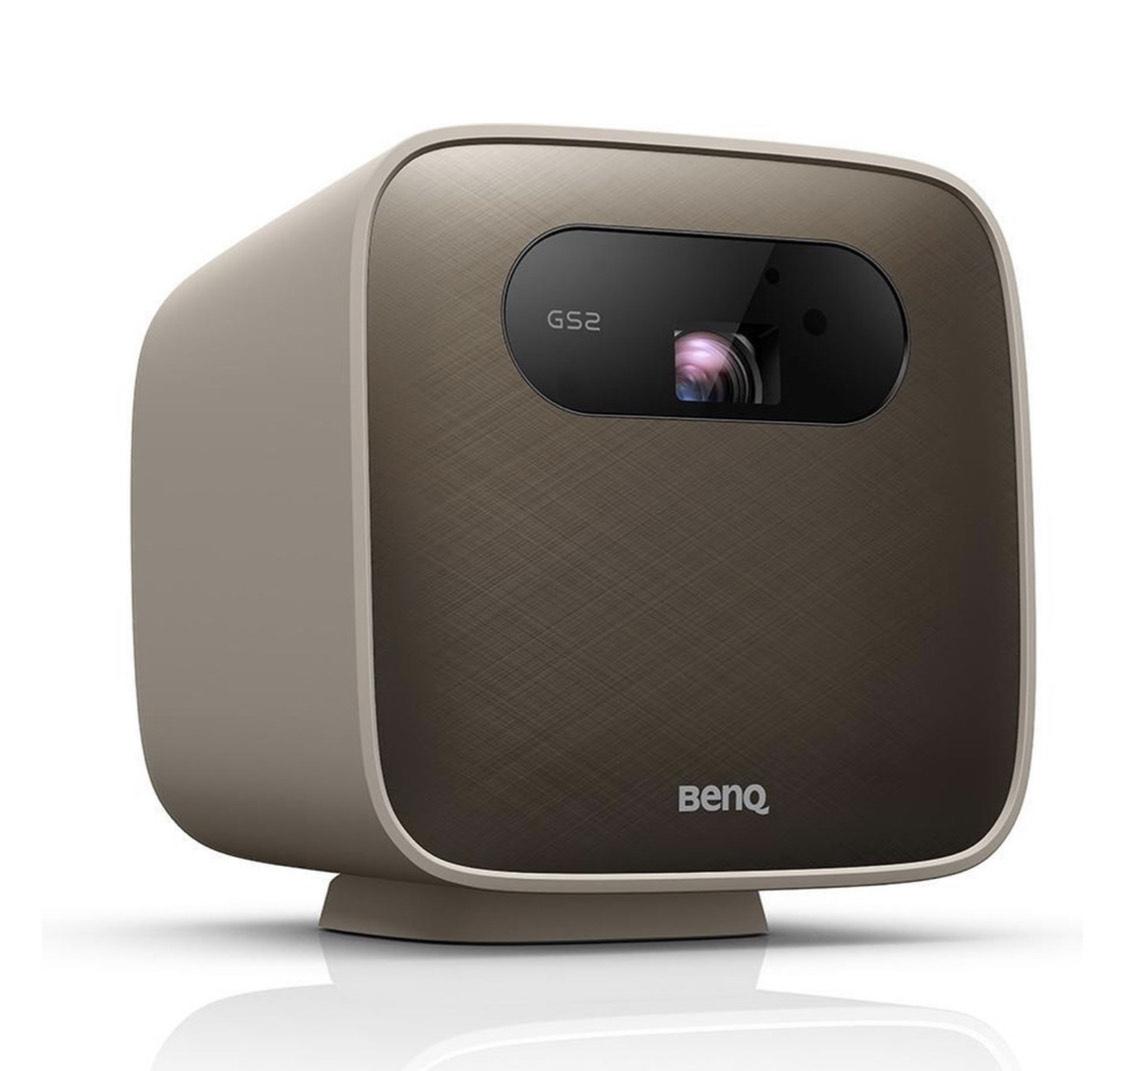 BenQ GS2 - DLP Beamer met LED lamp @ Bol.com